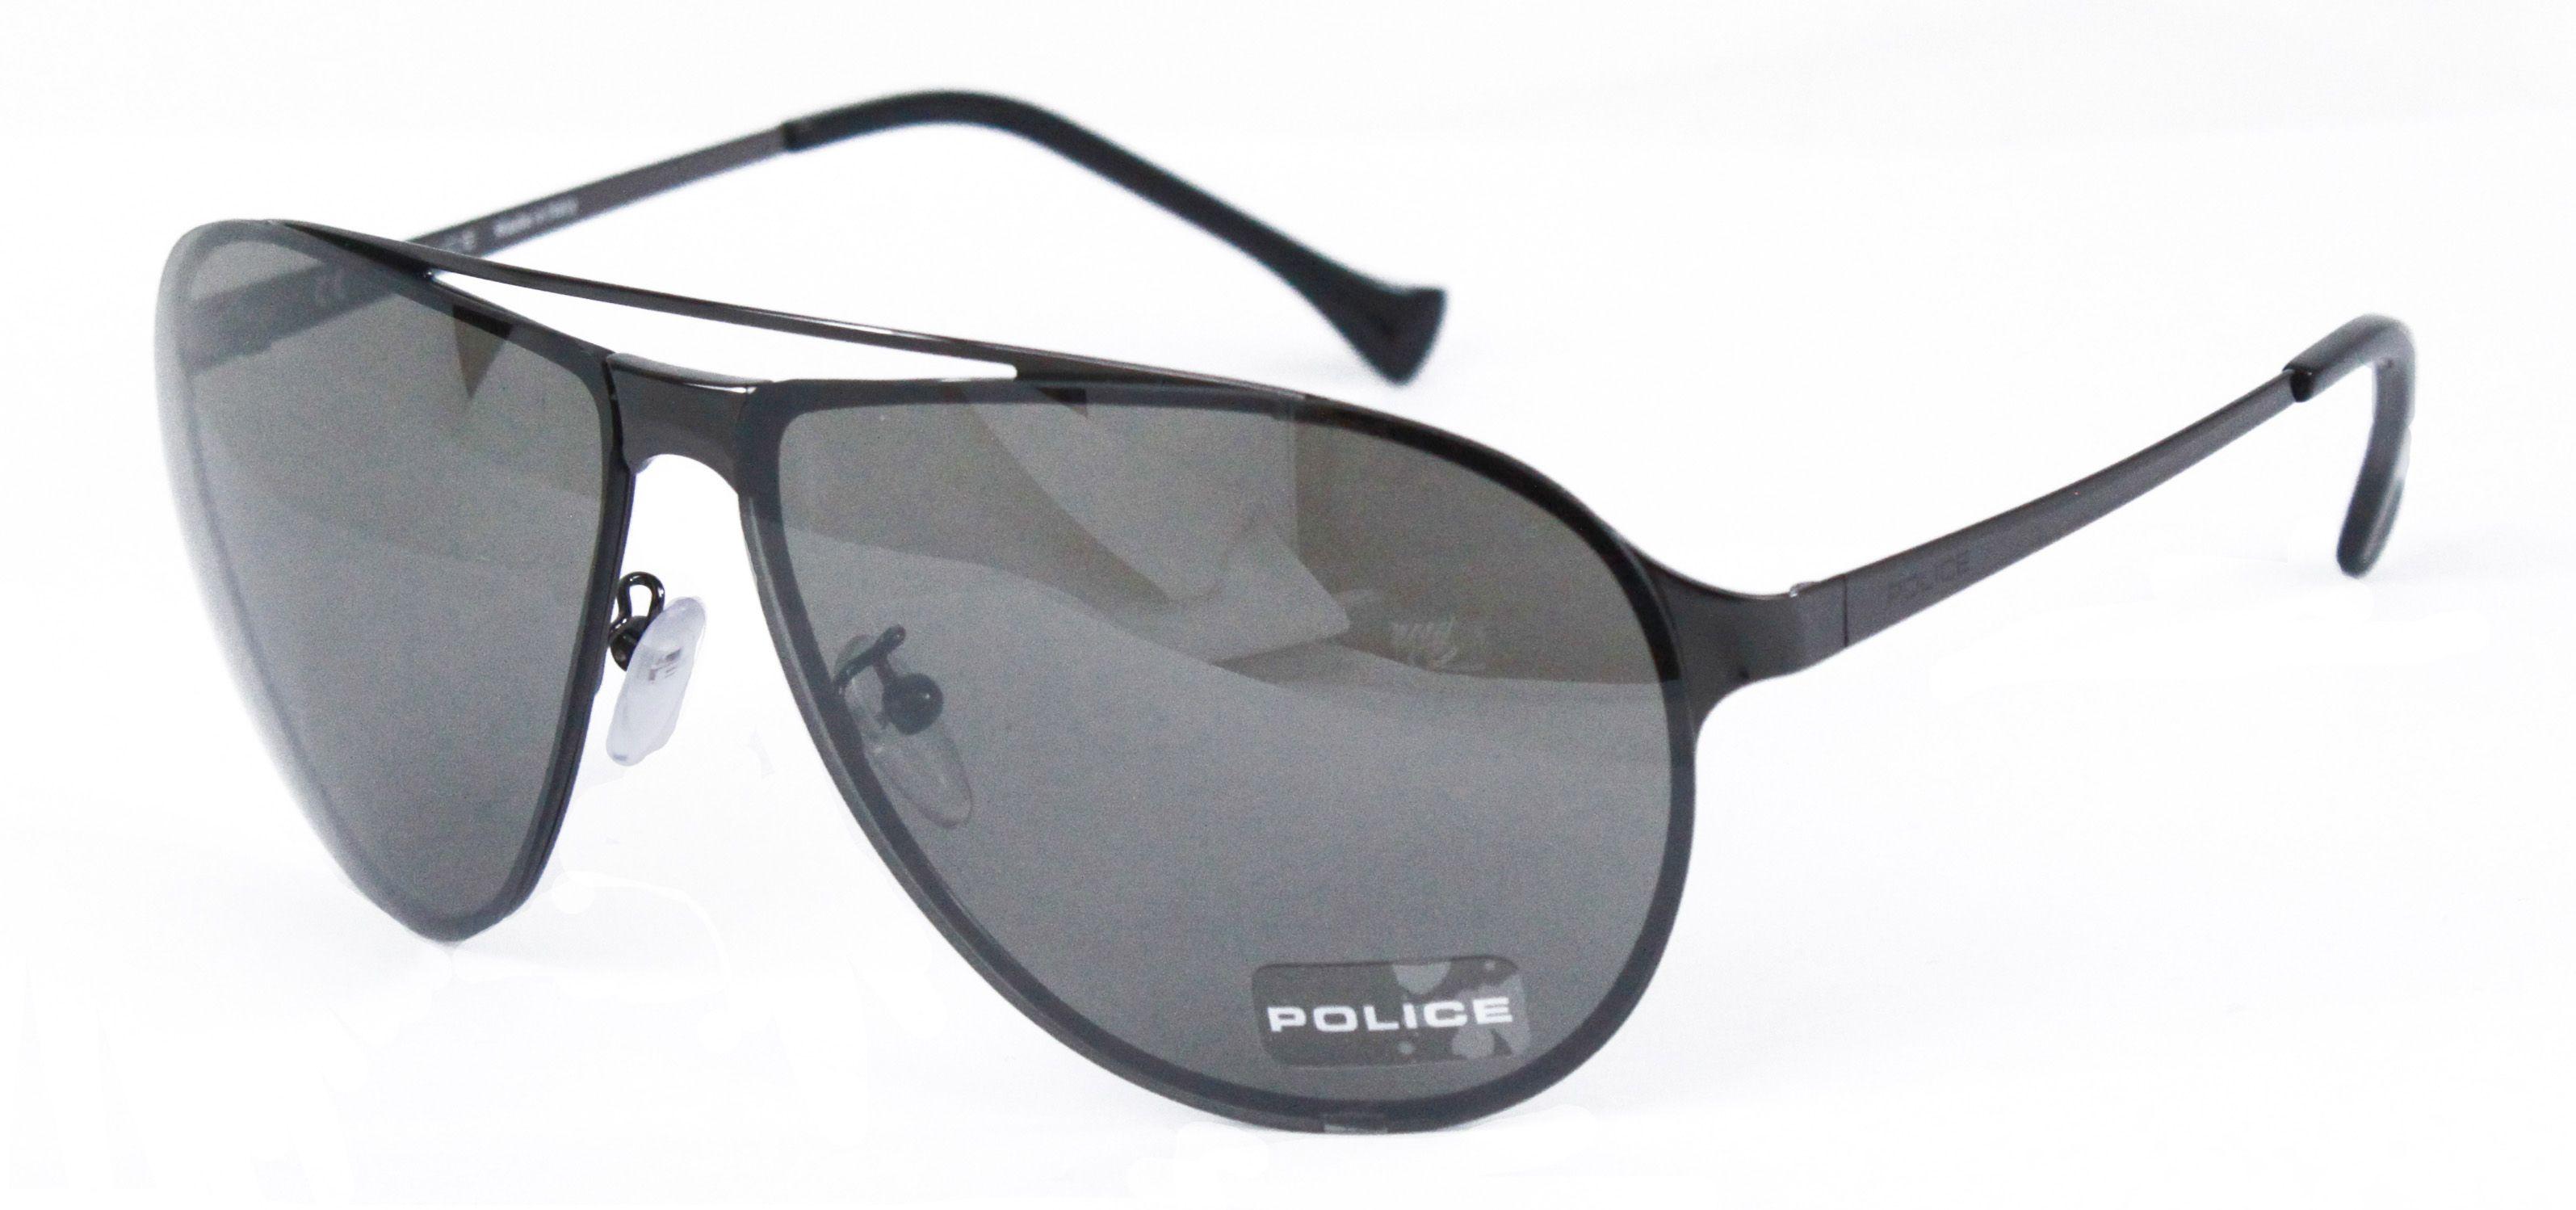 Police SPL166 568X Sunglasses